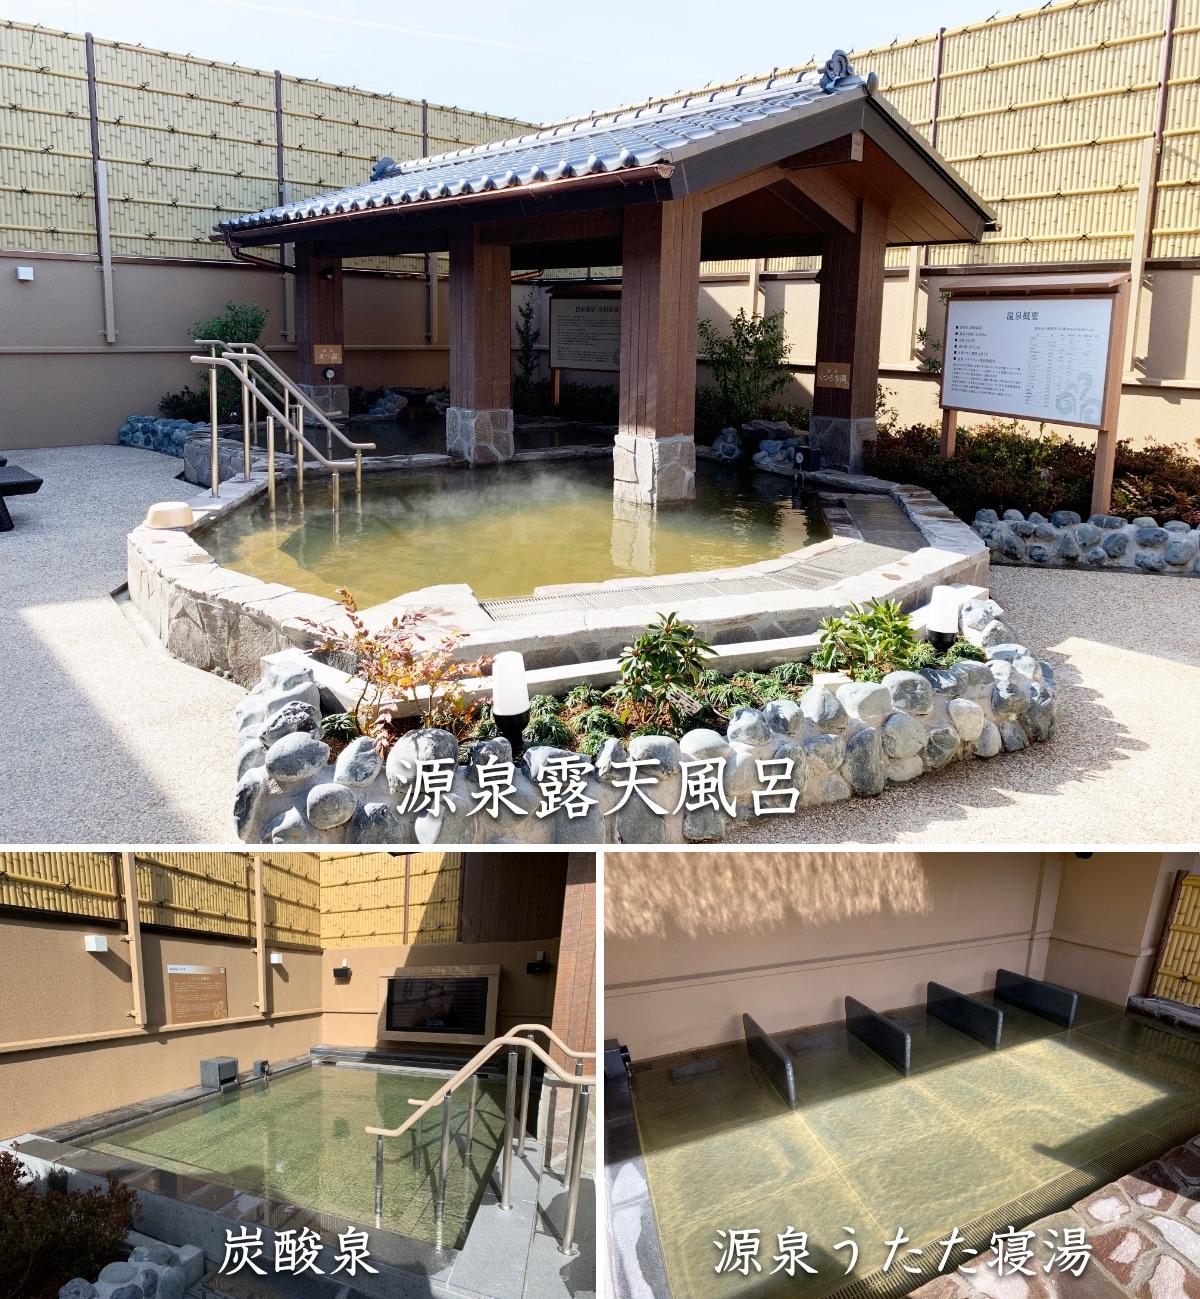 南柏天然温泉 すみれ:露天風呂